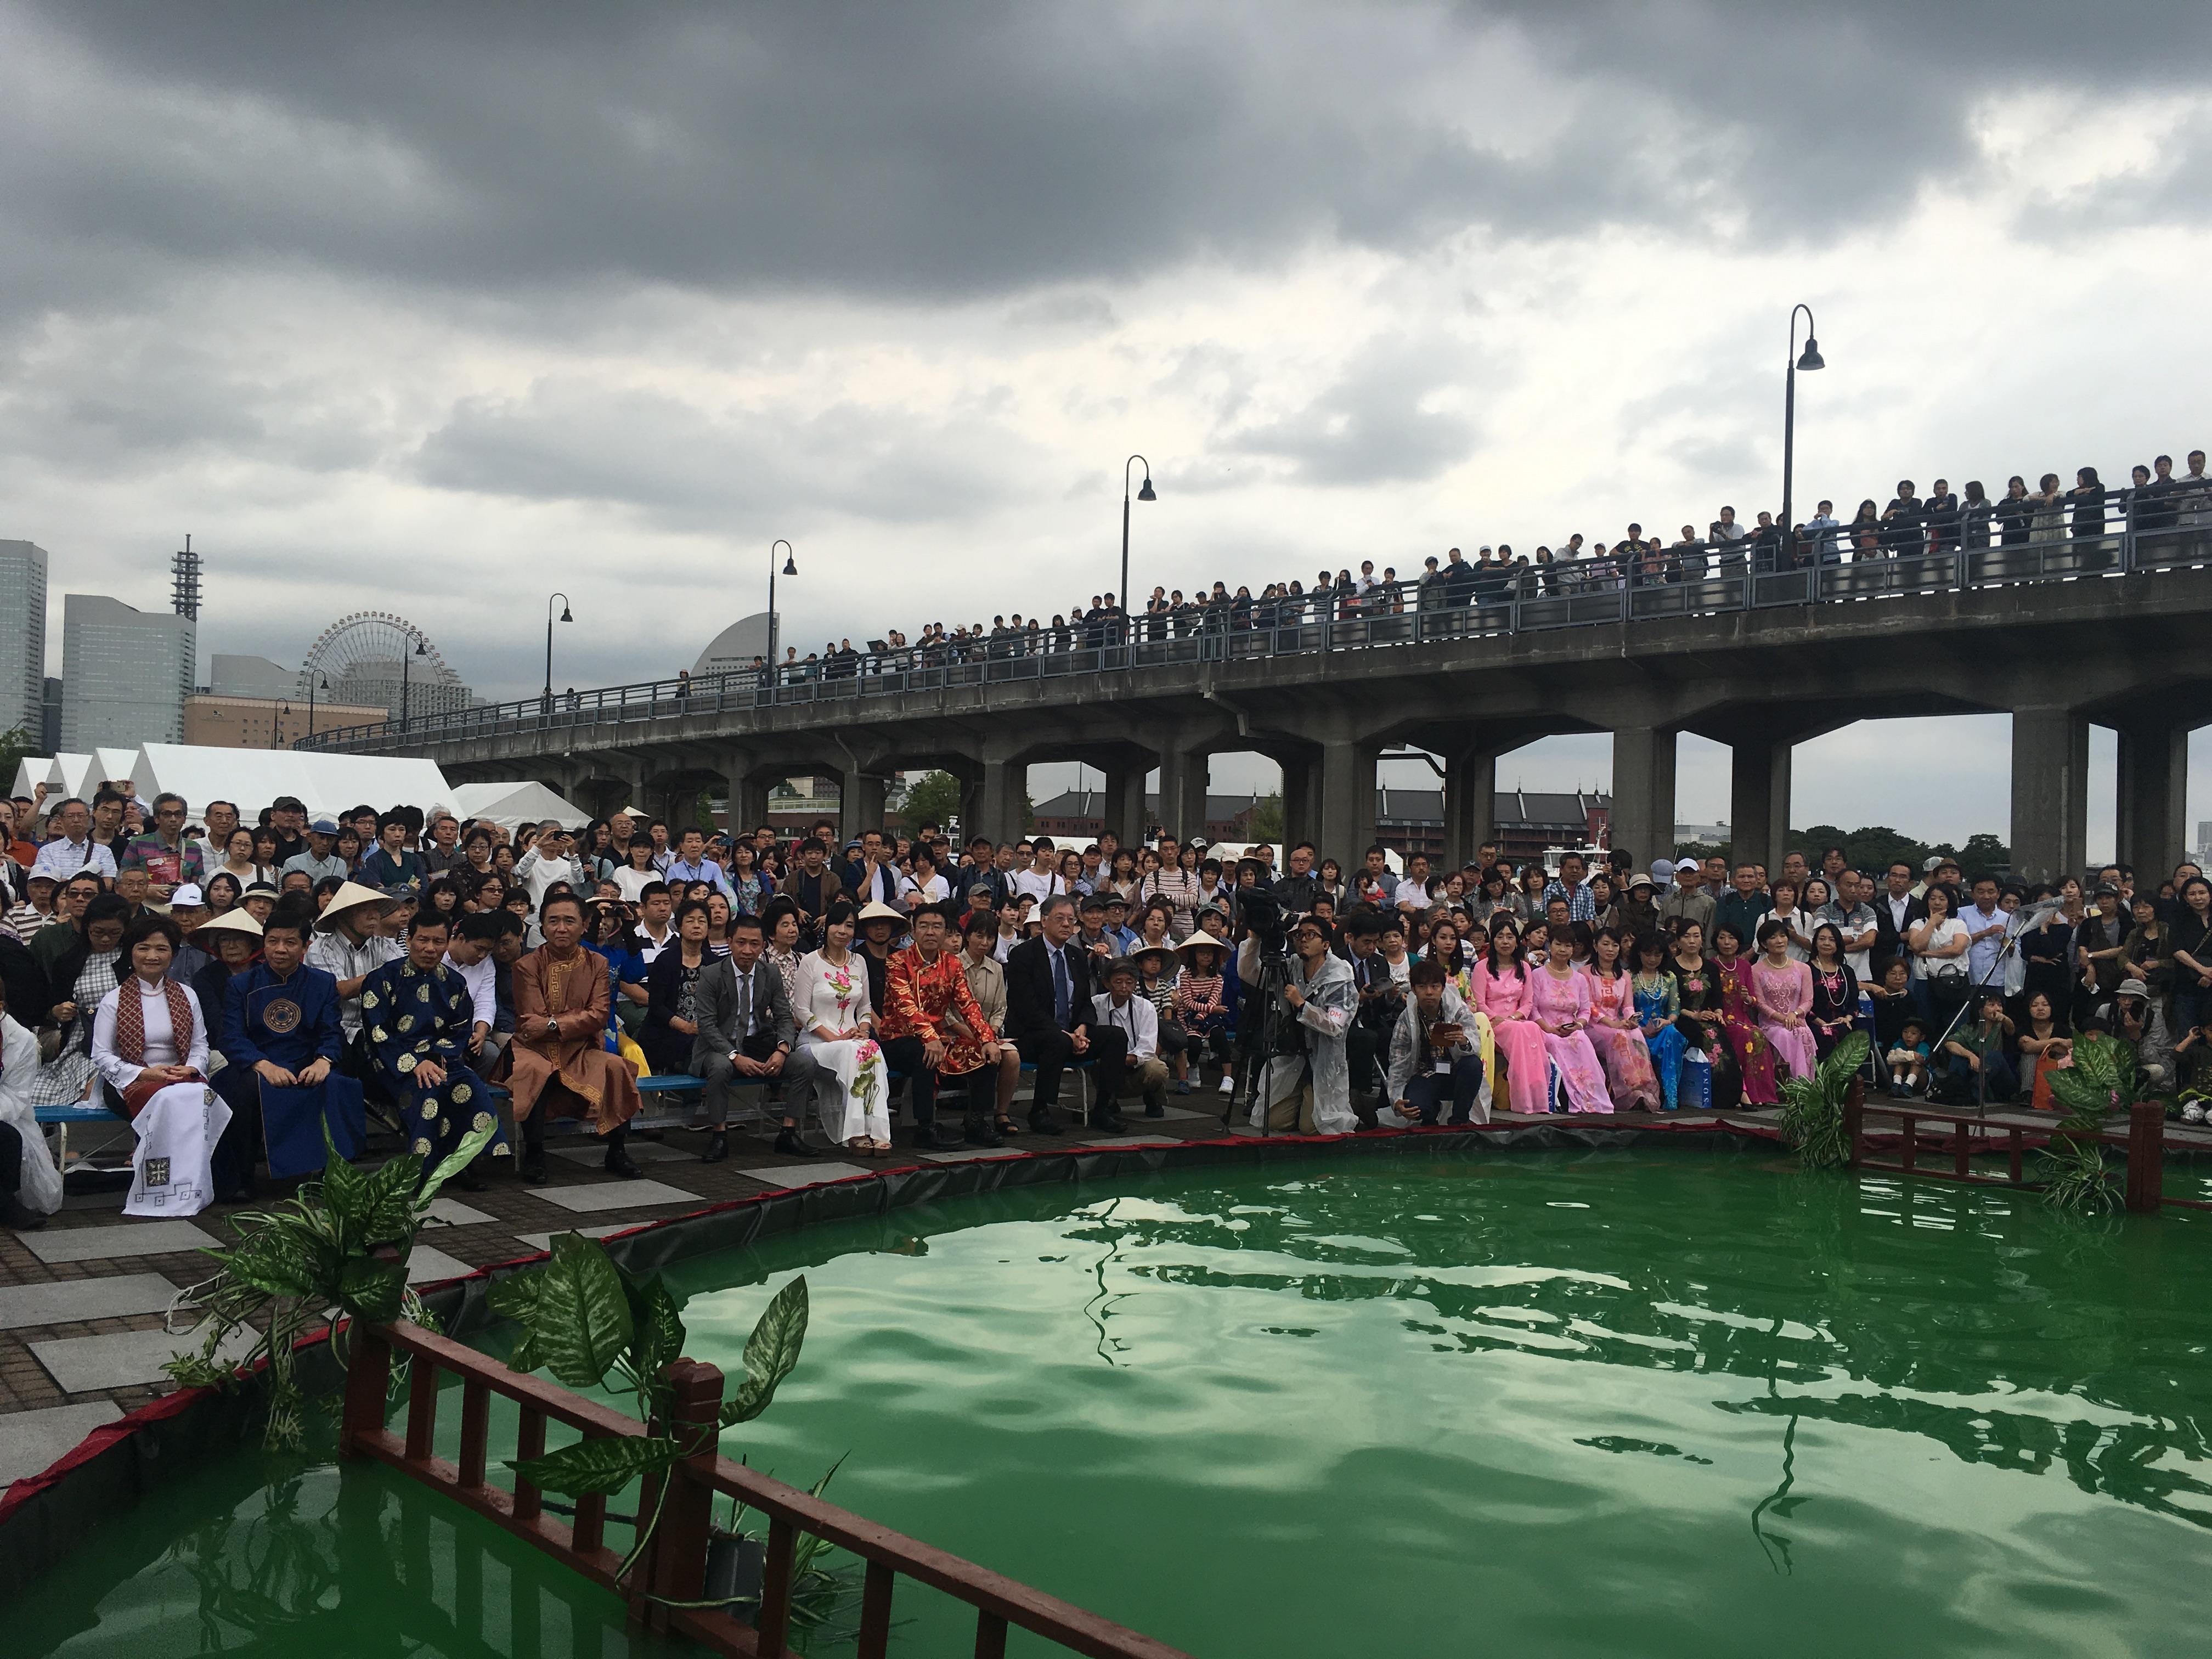 Tưng bừng lễ hội hàng Việt Nam tại Nhật - Ảnh 5.